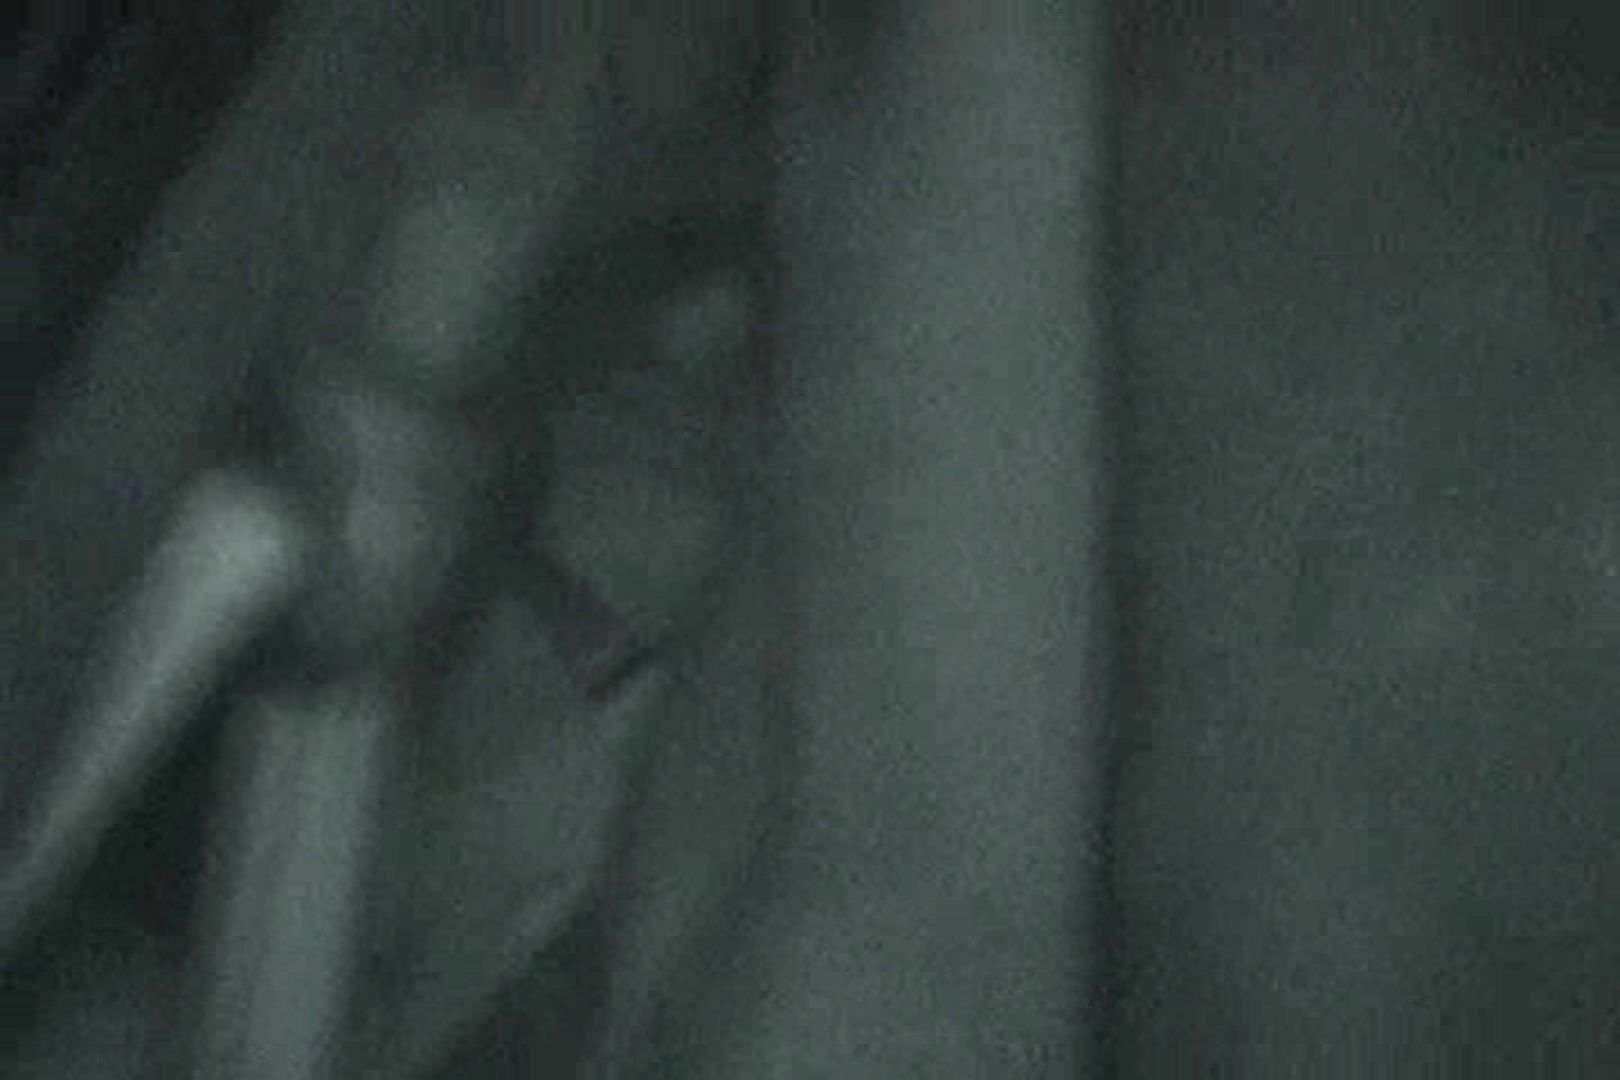 「充血監督」さんの深夜の運動会!! vol.001 盗撮編 オマンコ動画キャプチャ 84枚 45